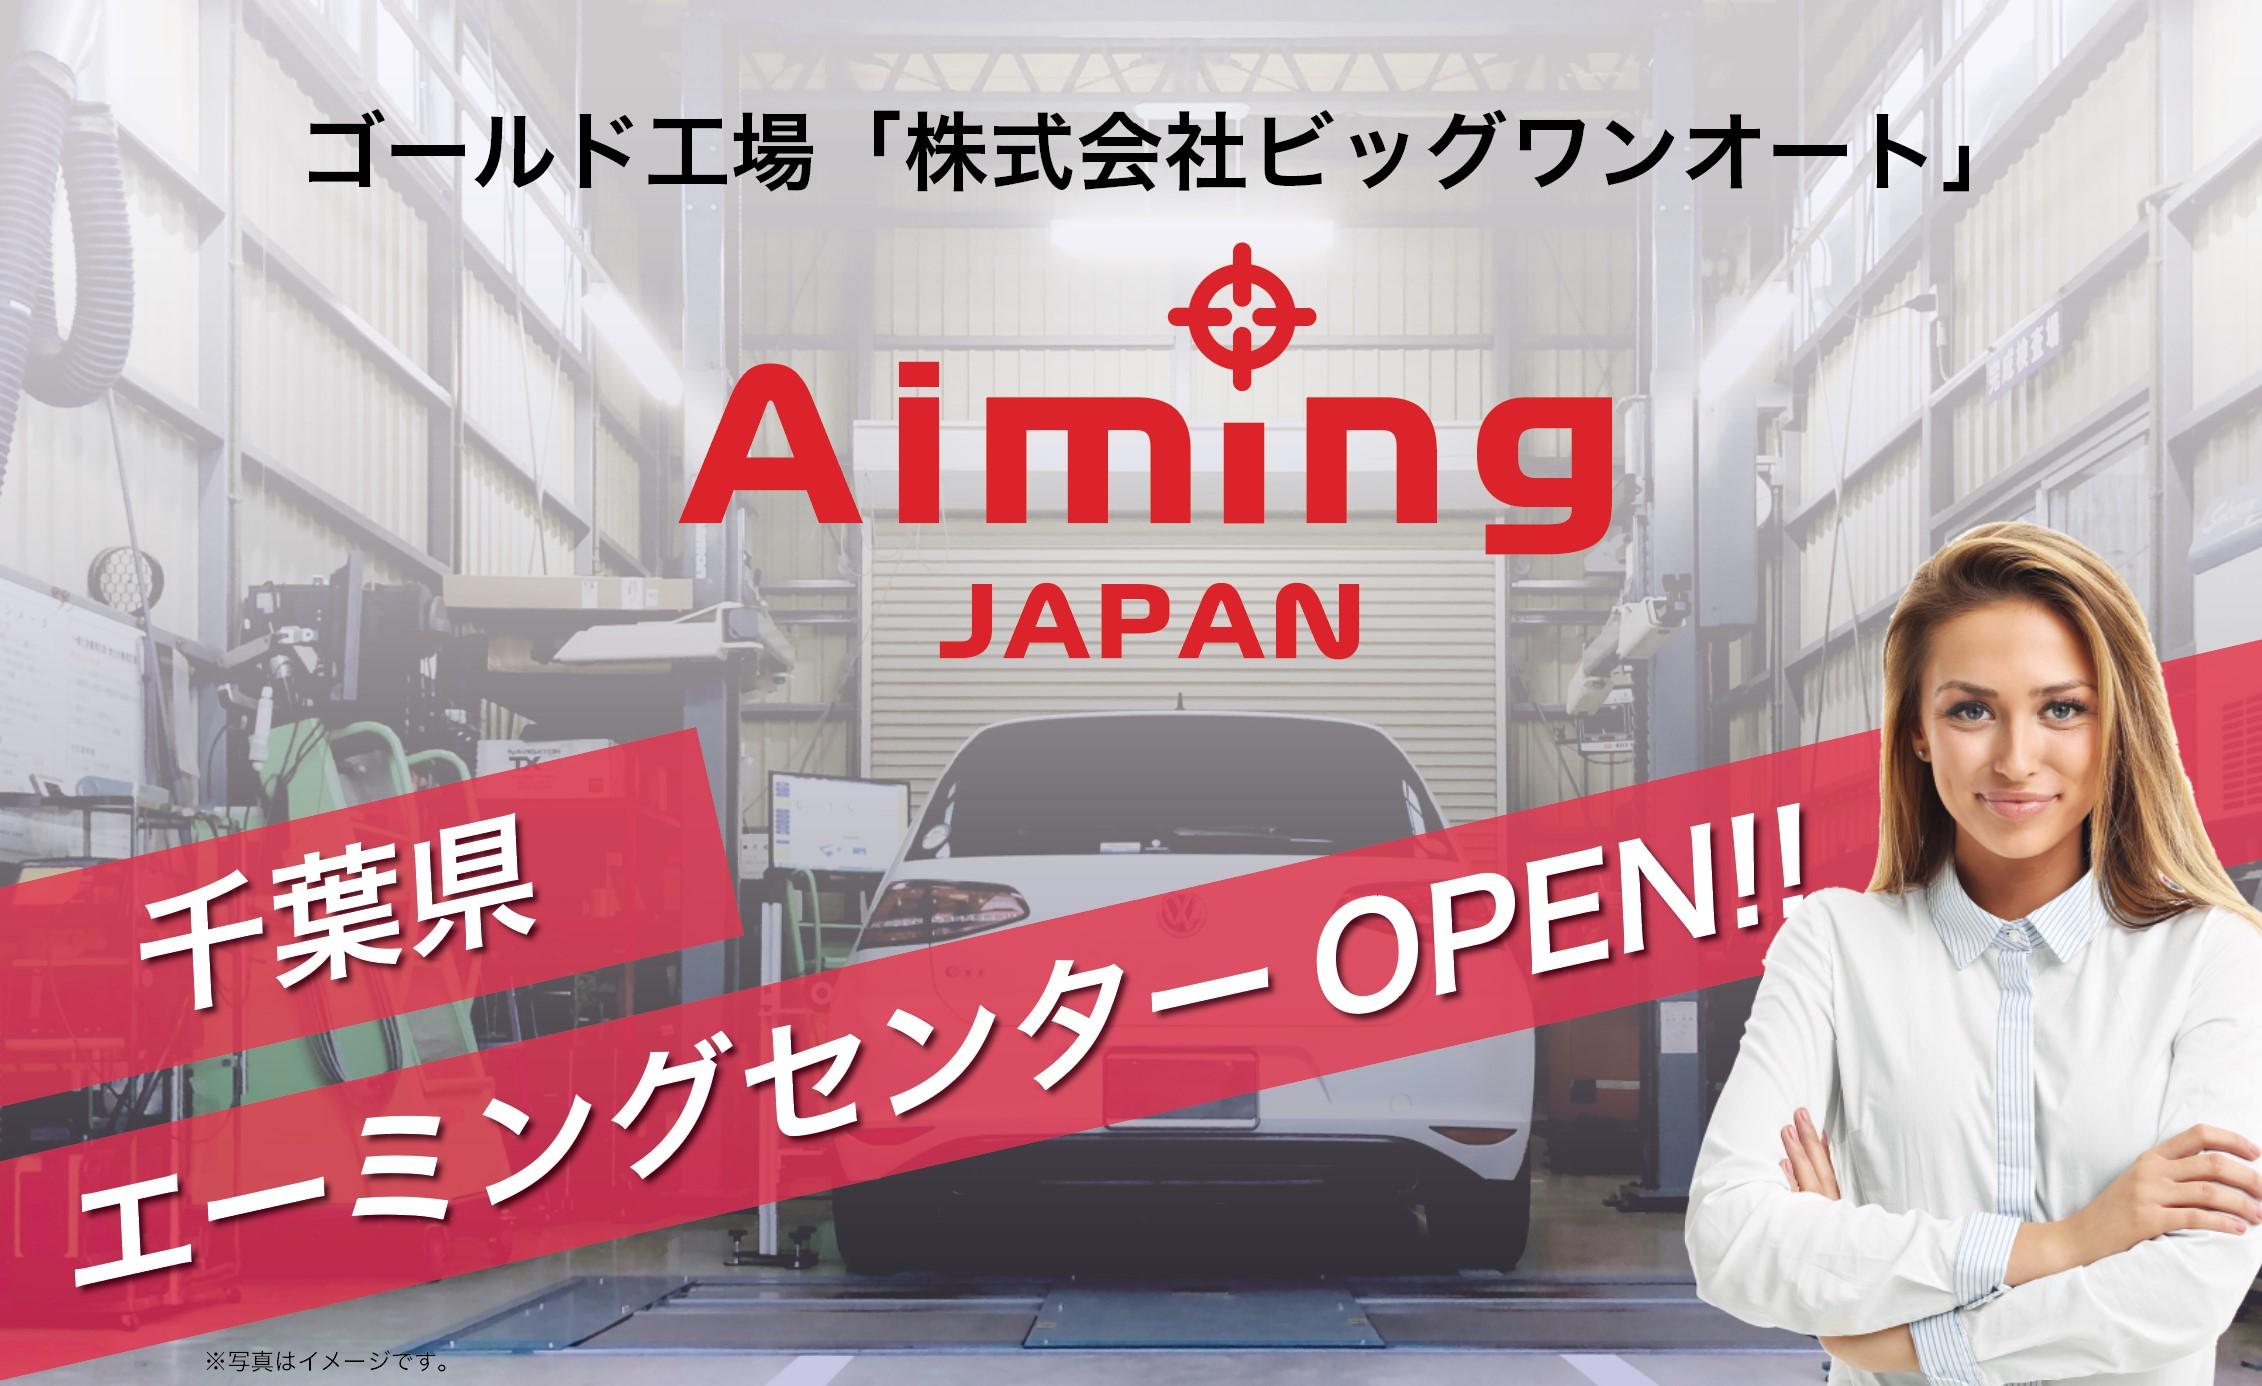 【ビッグワンオート】千葉県の財団法人 日本技能研修機構(JATTO)のエーミングセンターがOPEN!「地域統一料金」「最新機器完備」「48時間納車」にて、普及が進むASVの機能調整の代行サービスを開始